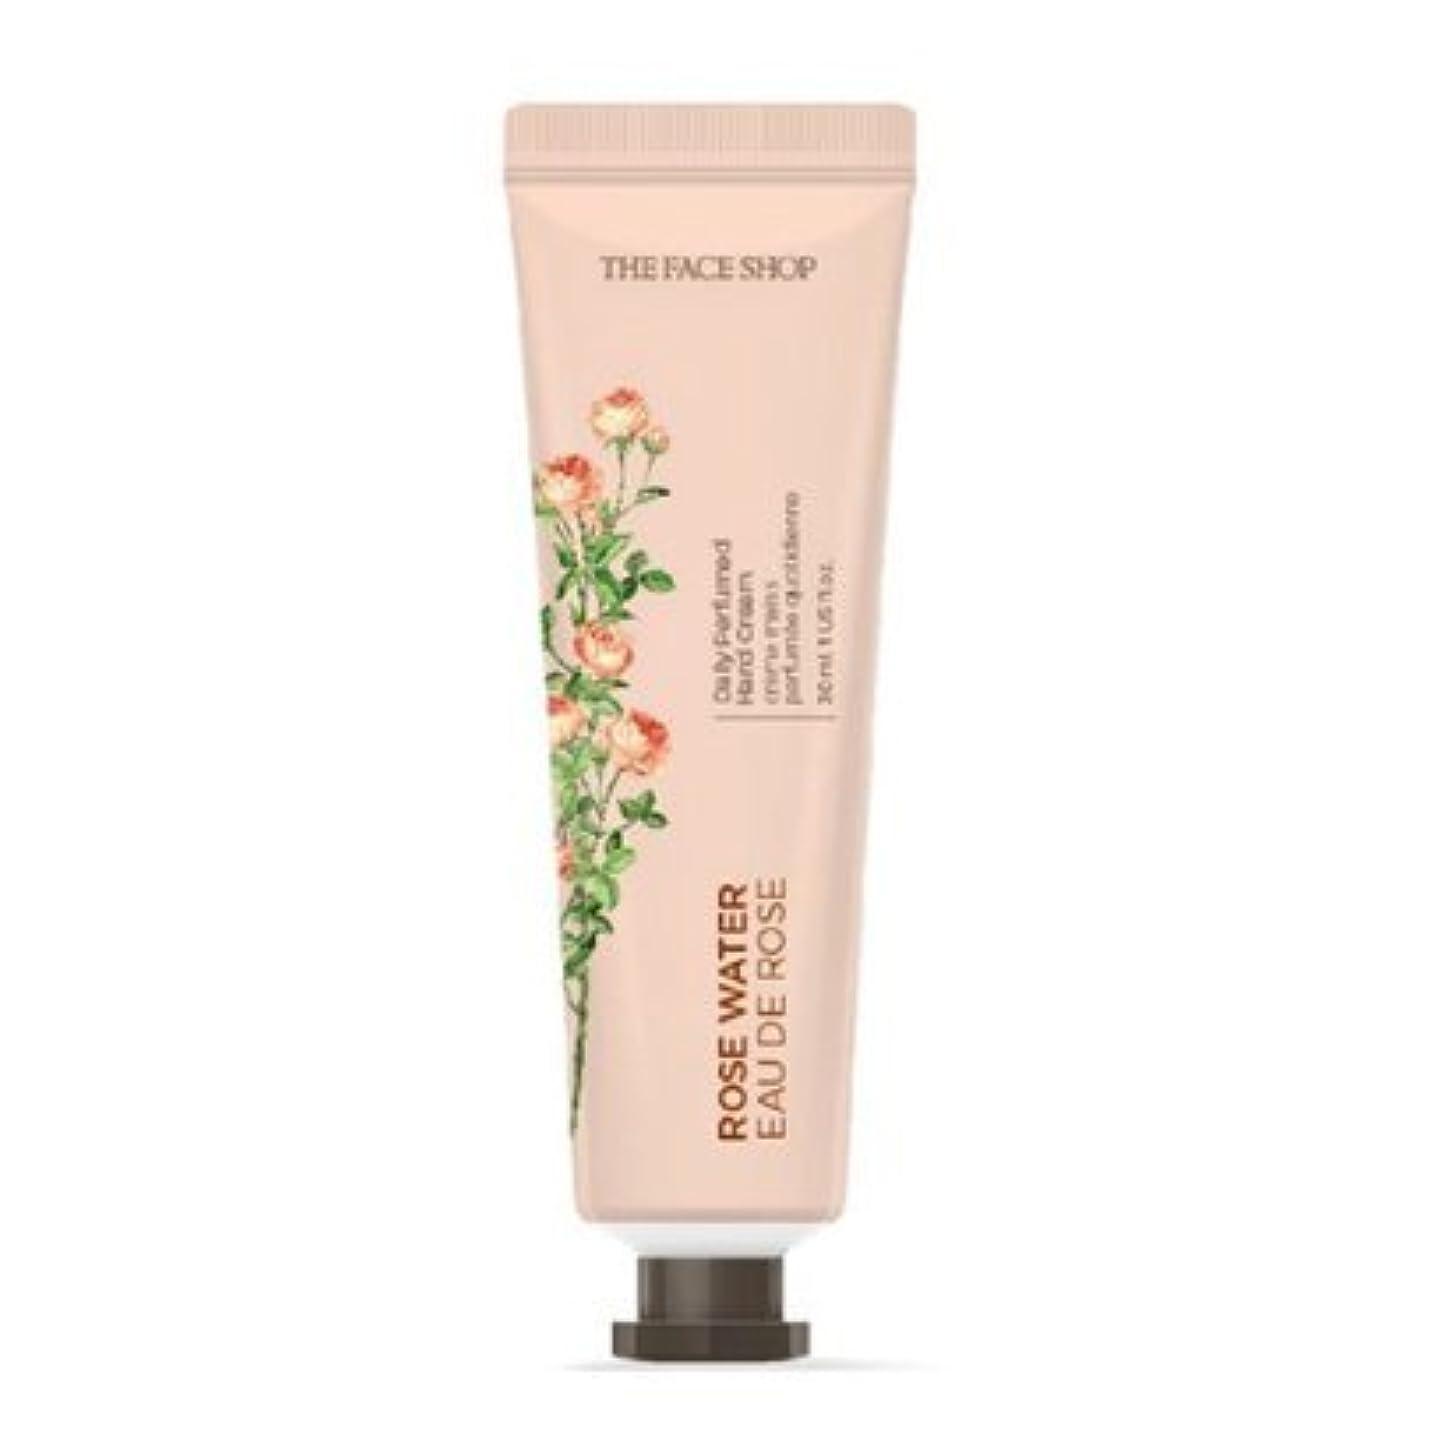 空虚信者パドル[1+1] THE FACE SHOP Daily Perfume Hand Cream [01.Rose Water] ザフェイスショップ デイリーパフュームハンドクリーム [01.ローズウォーター] [new] [並行輸入品]